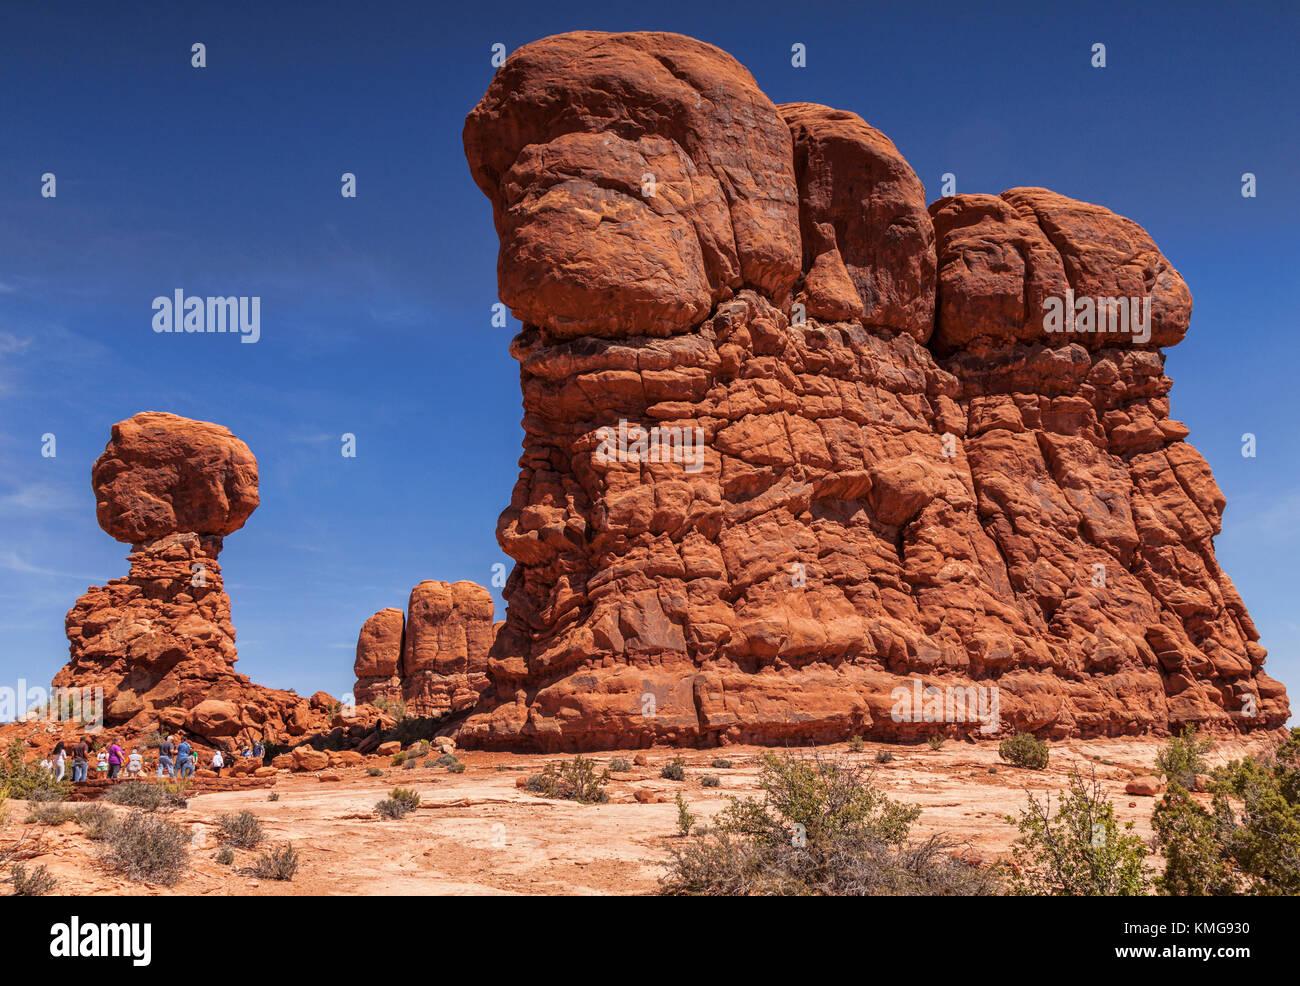 Un gruppo di turisti mostrano il massiccio del eroso formazioni arenarie in Arches National Park. equilibrato rock Immagini Stock